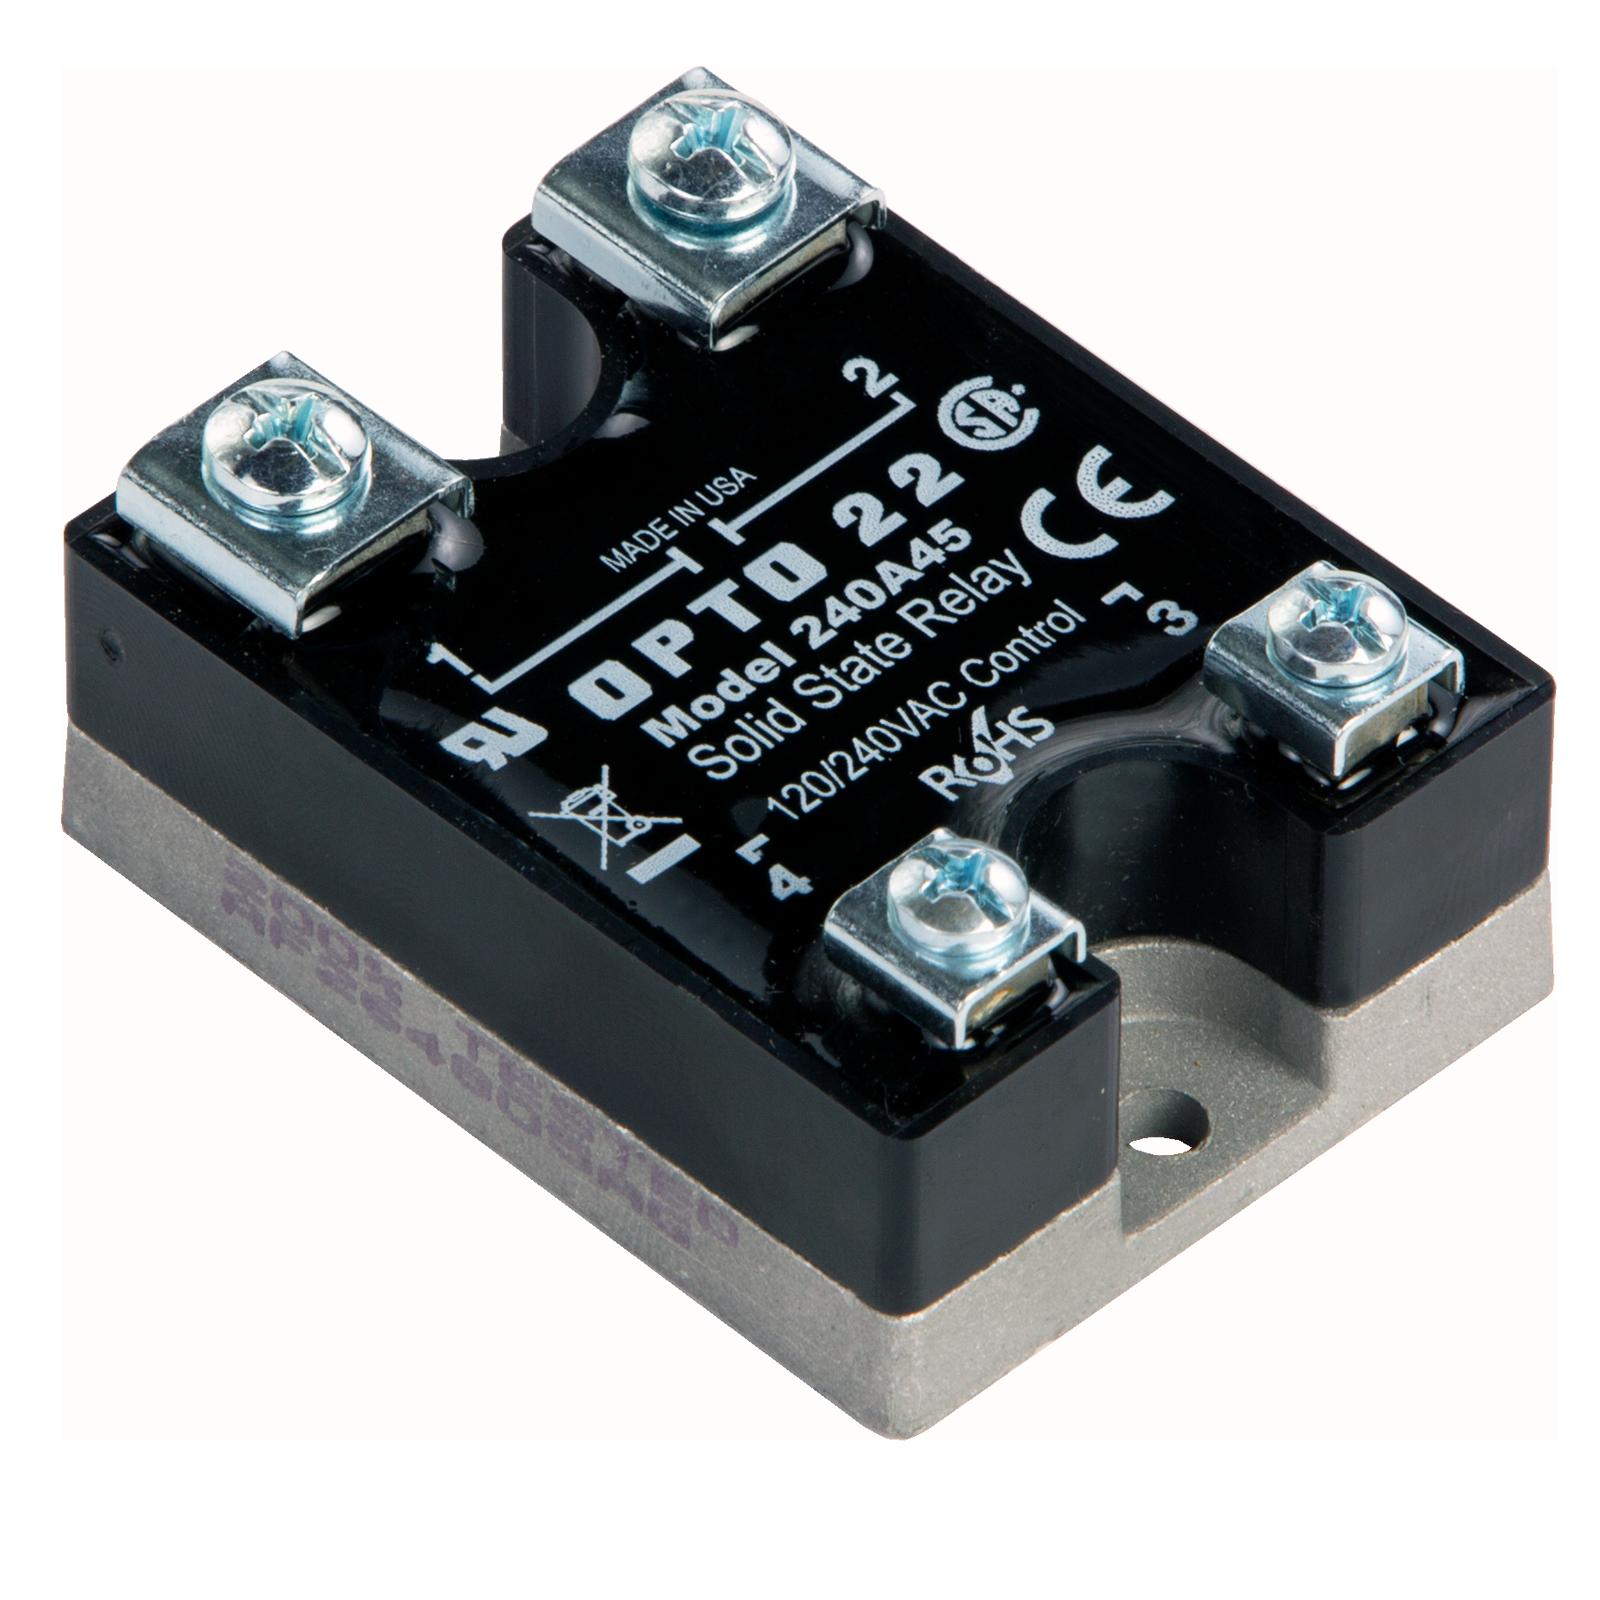 ssr control 240 vac schematic opto22 240a45    240       vac     45 amp  ac    control    solid state  opto22 240a45    240       vac     45 amp  ac    control    solid state